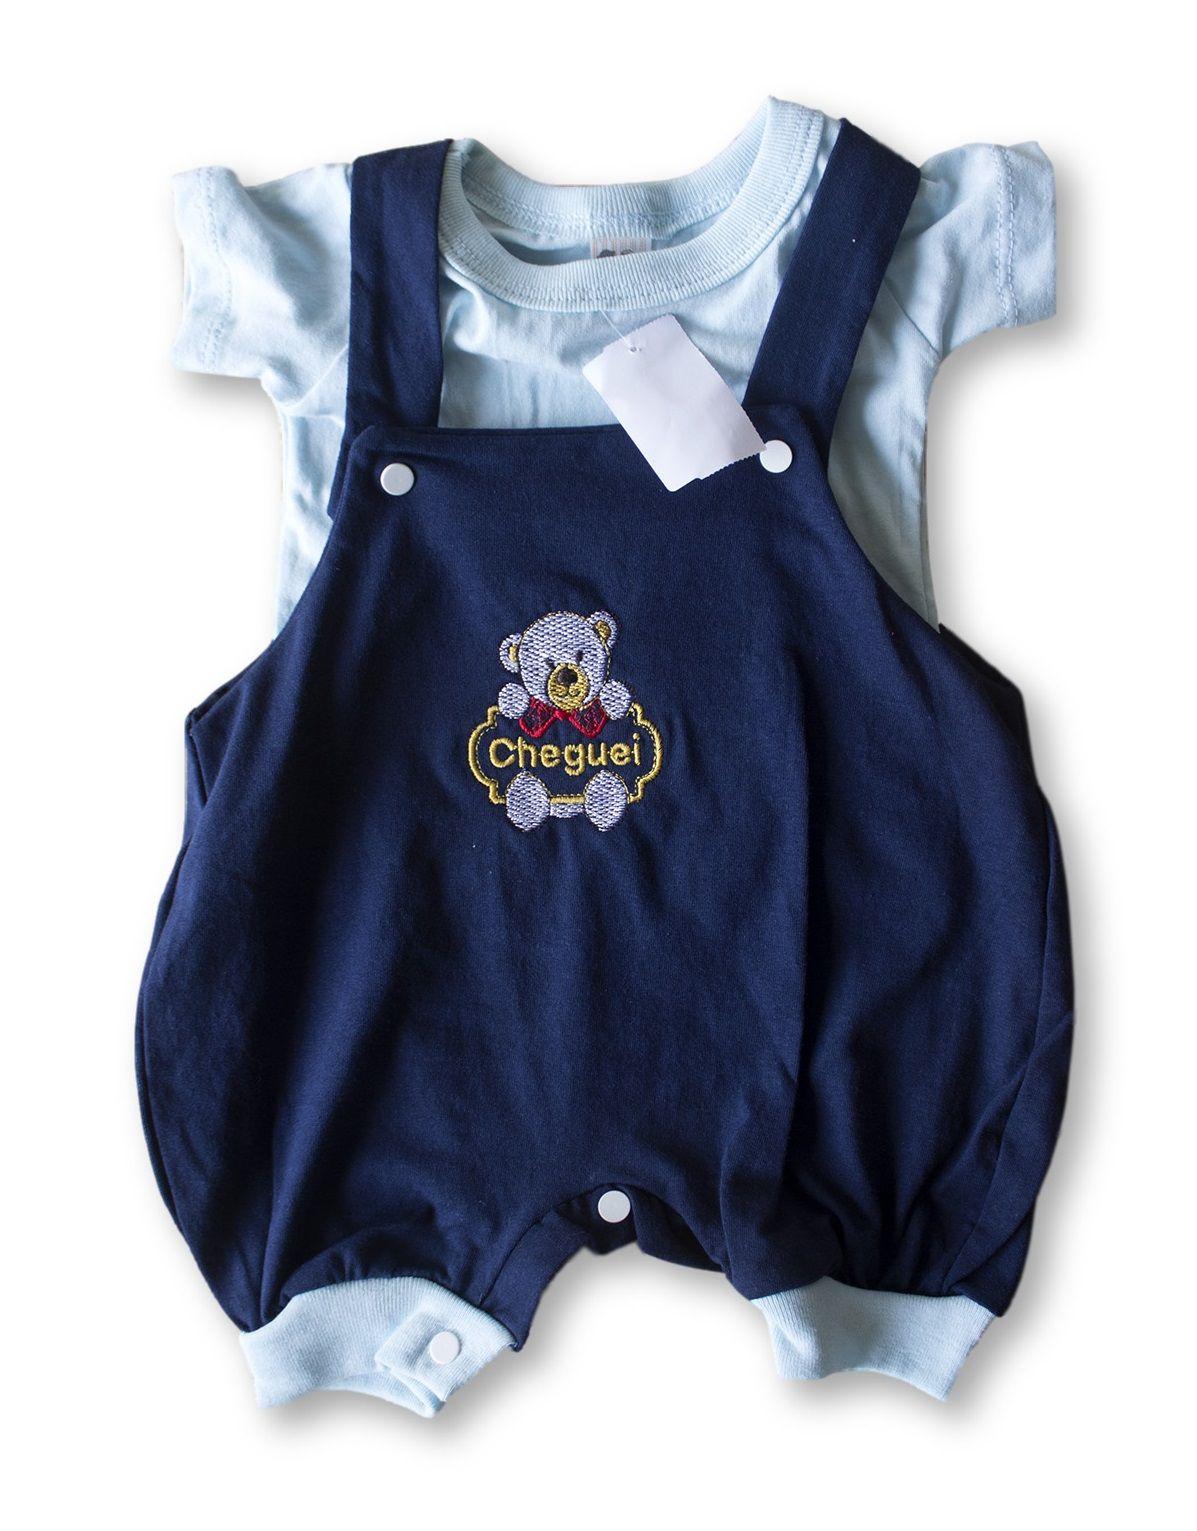 Macacão Bebe Recém Nascido Masculino Bordado Cod 9081